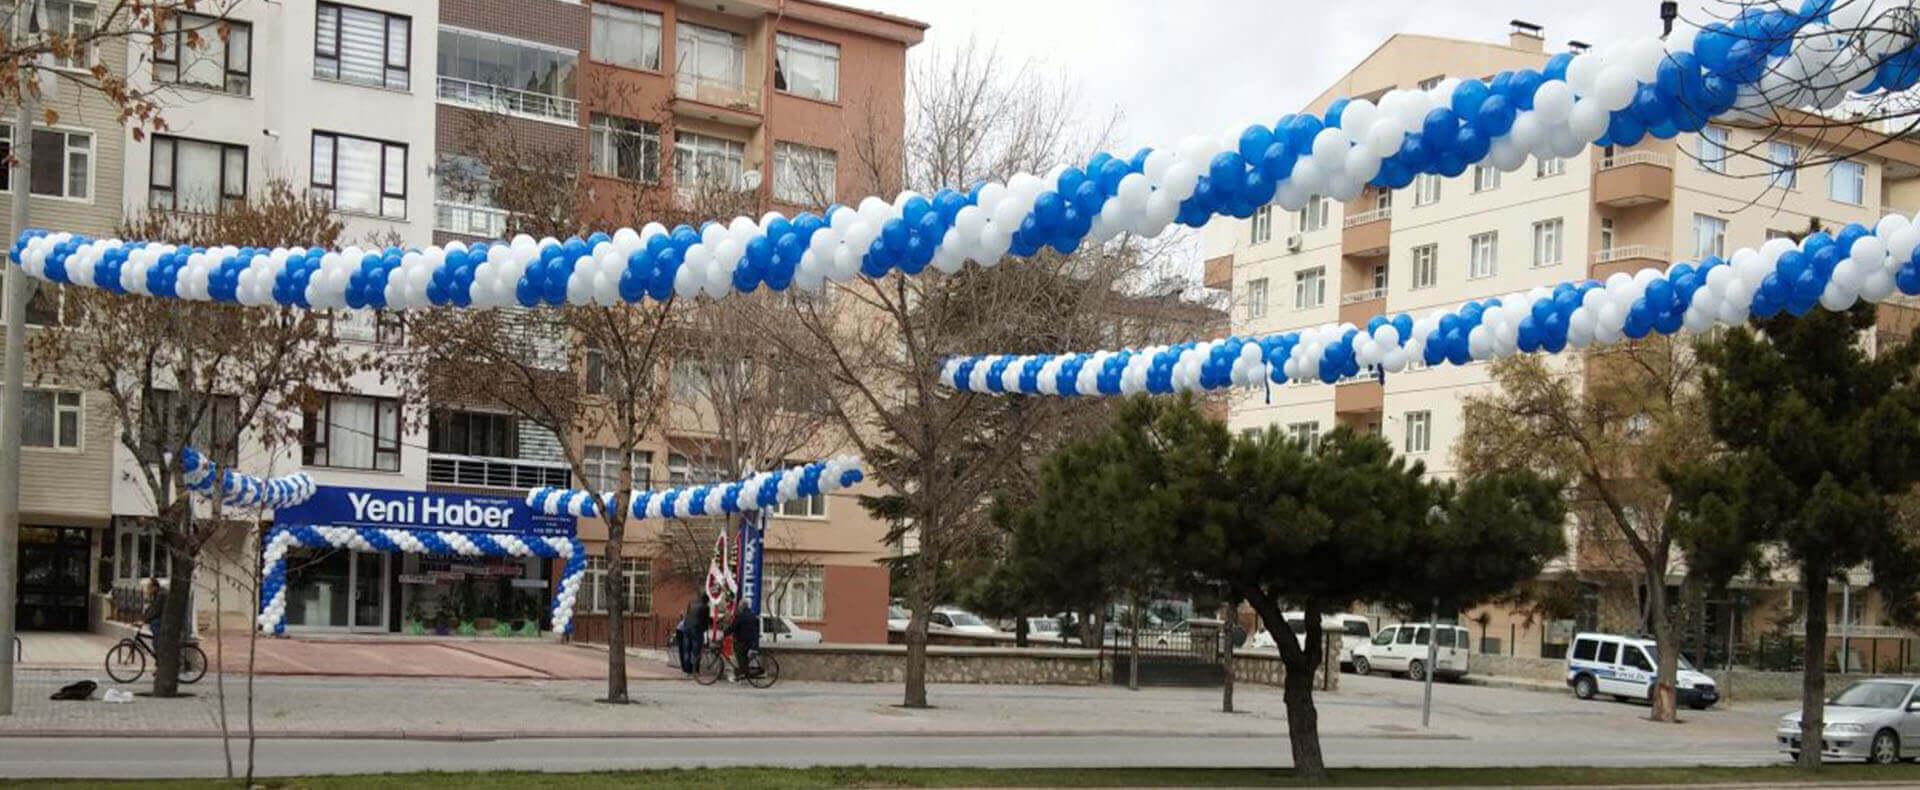 Kutlugün Organizasyon Açılış Düğün Sünnet Festival Organizasyonu, Balon Süslemesi, Uçan Balon